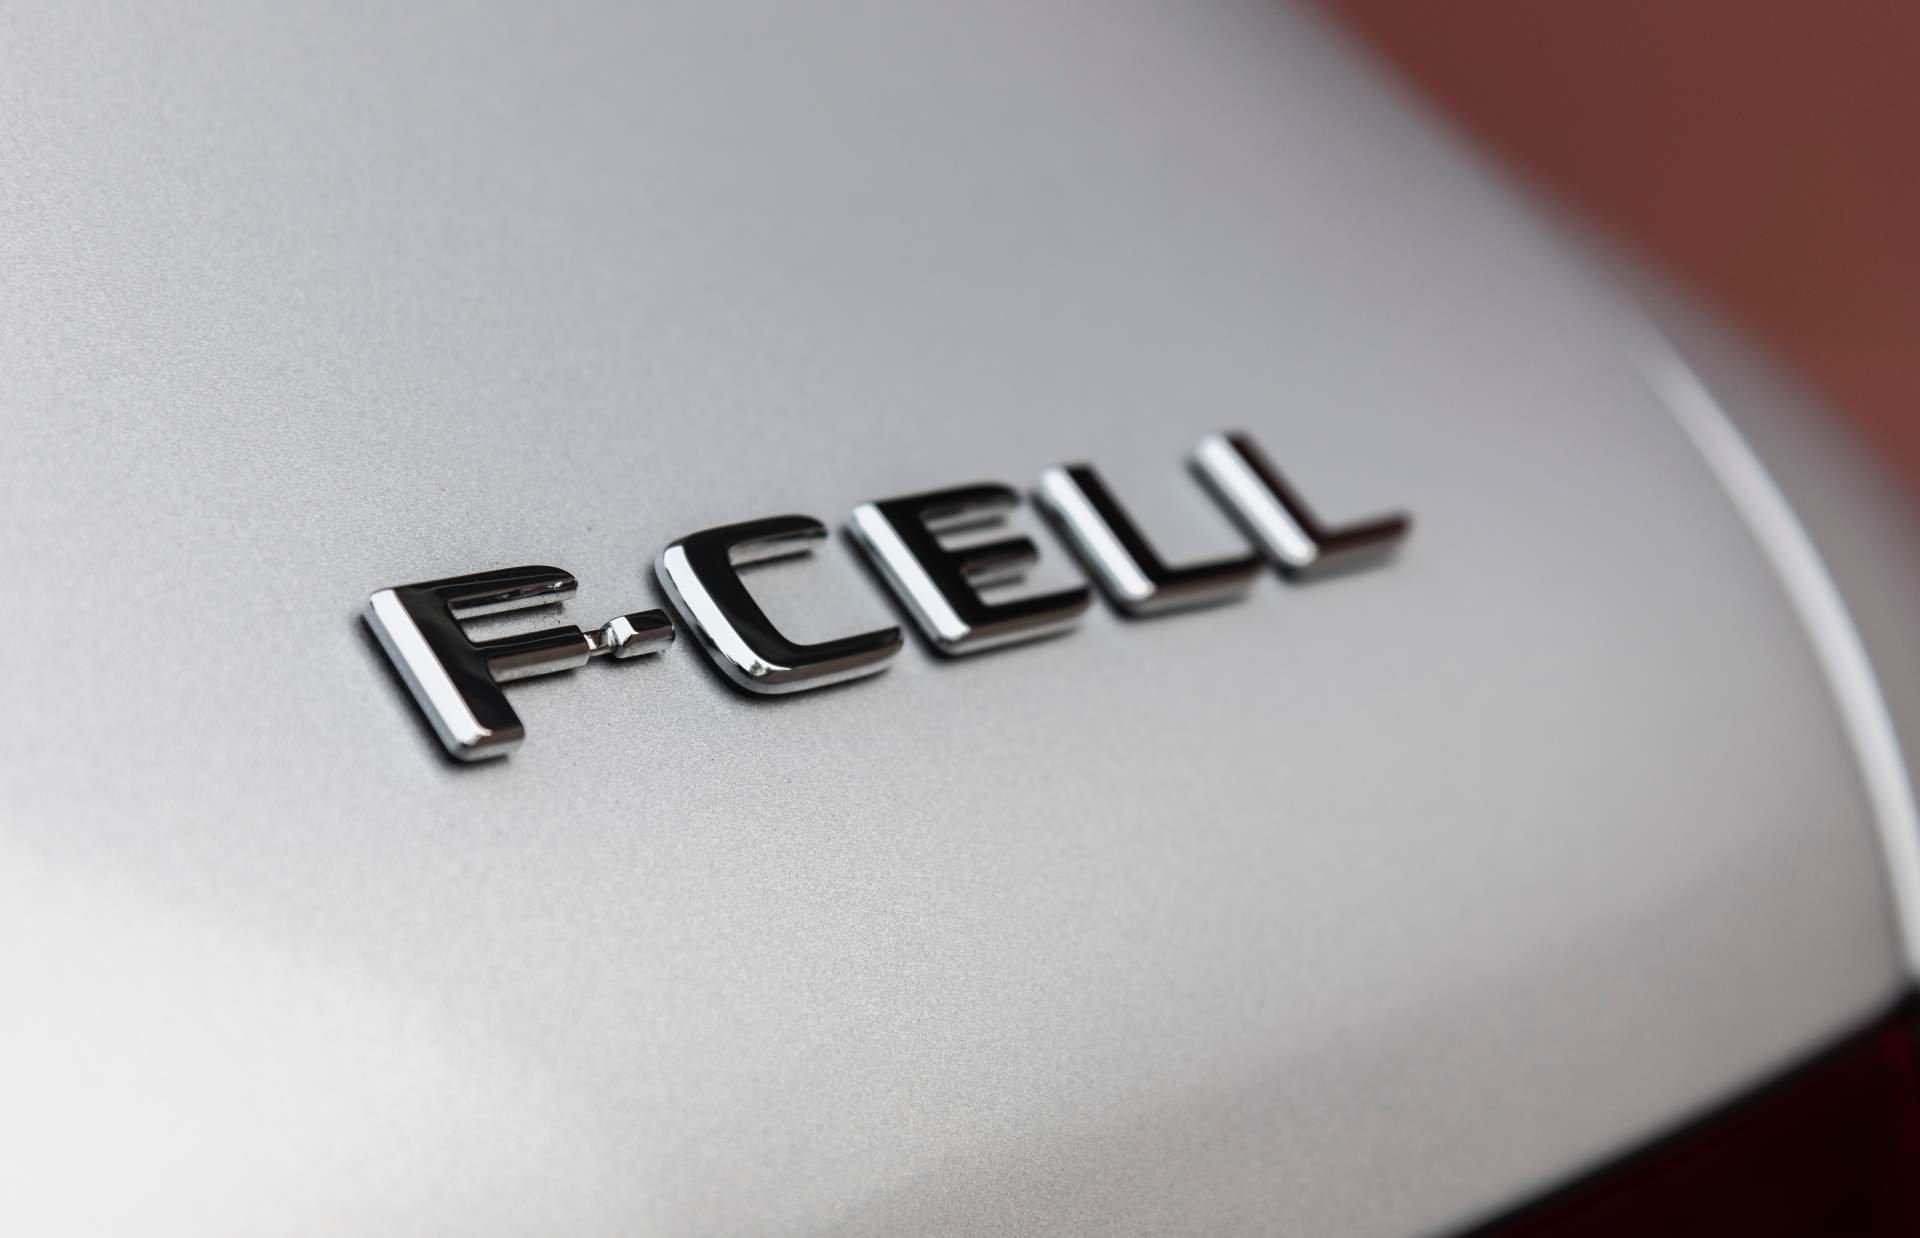 2019_Mercedes_GLC_F-Cell_0046